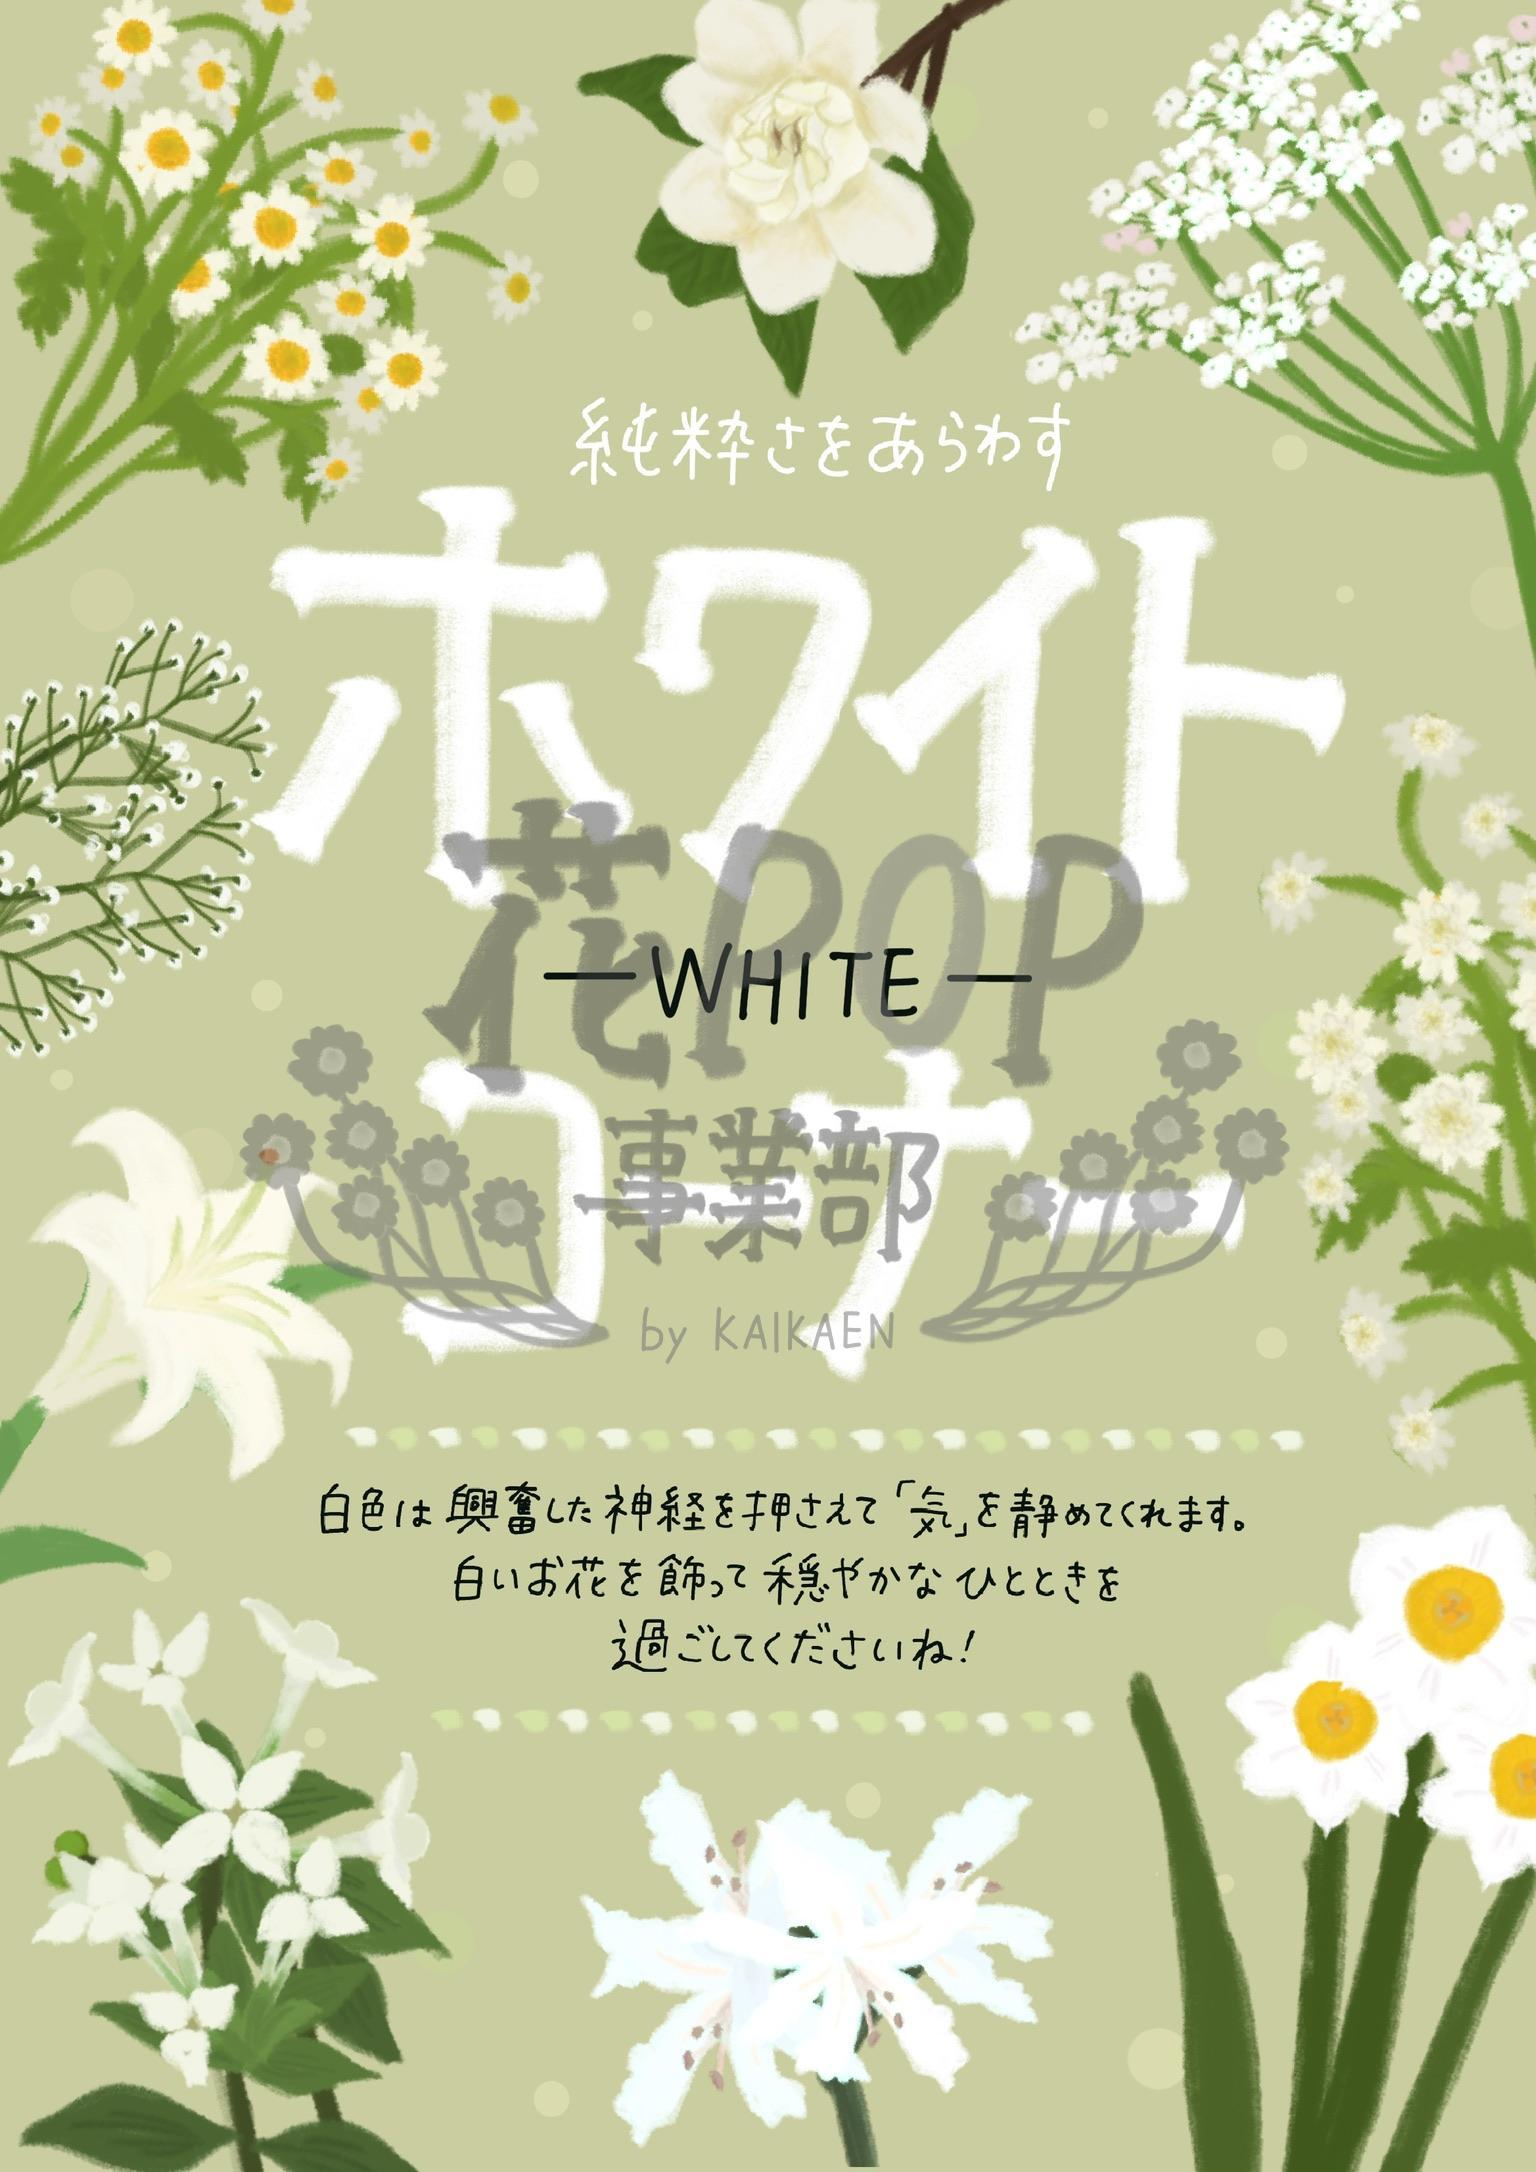 ホワイトコーナー